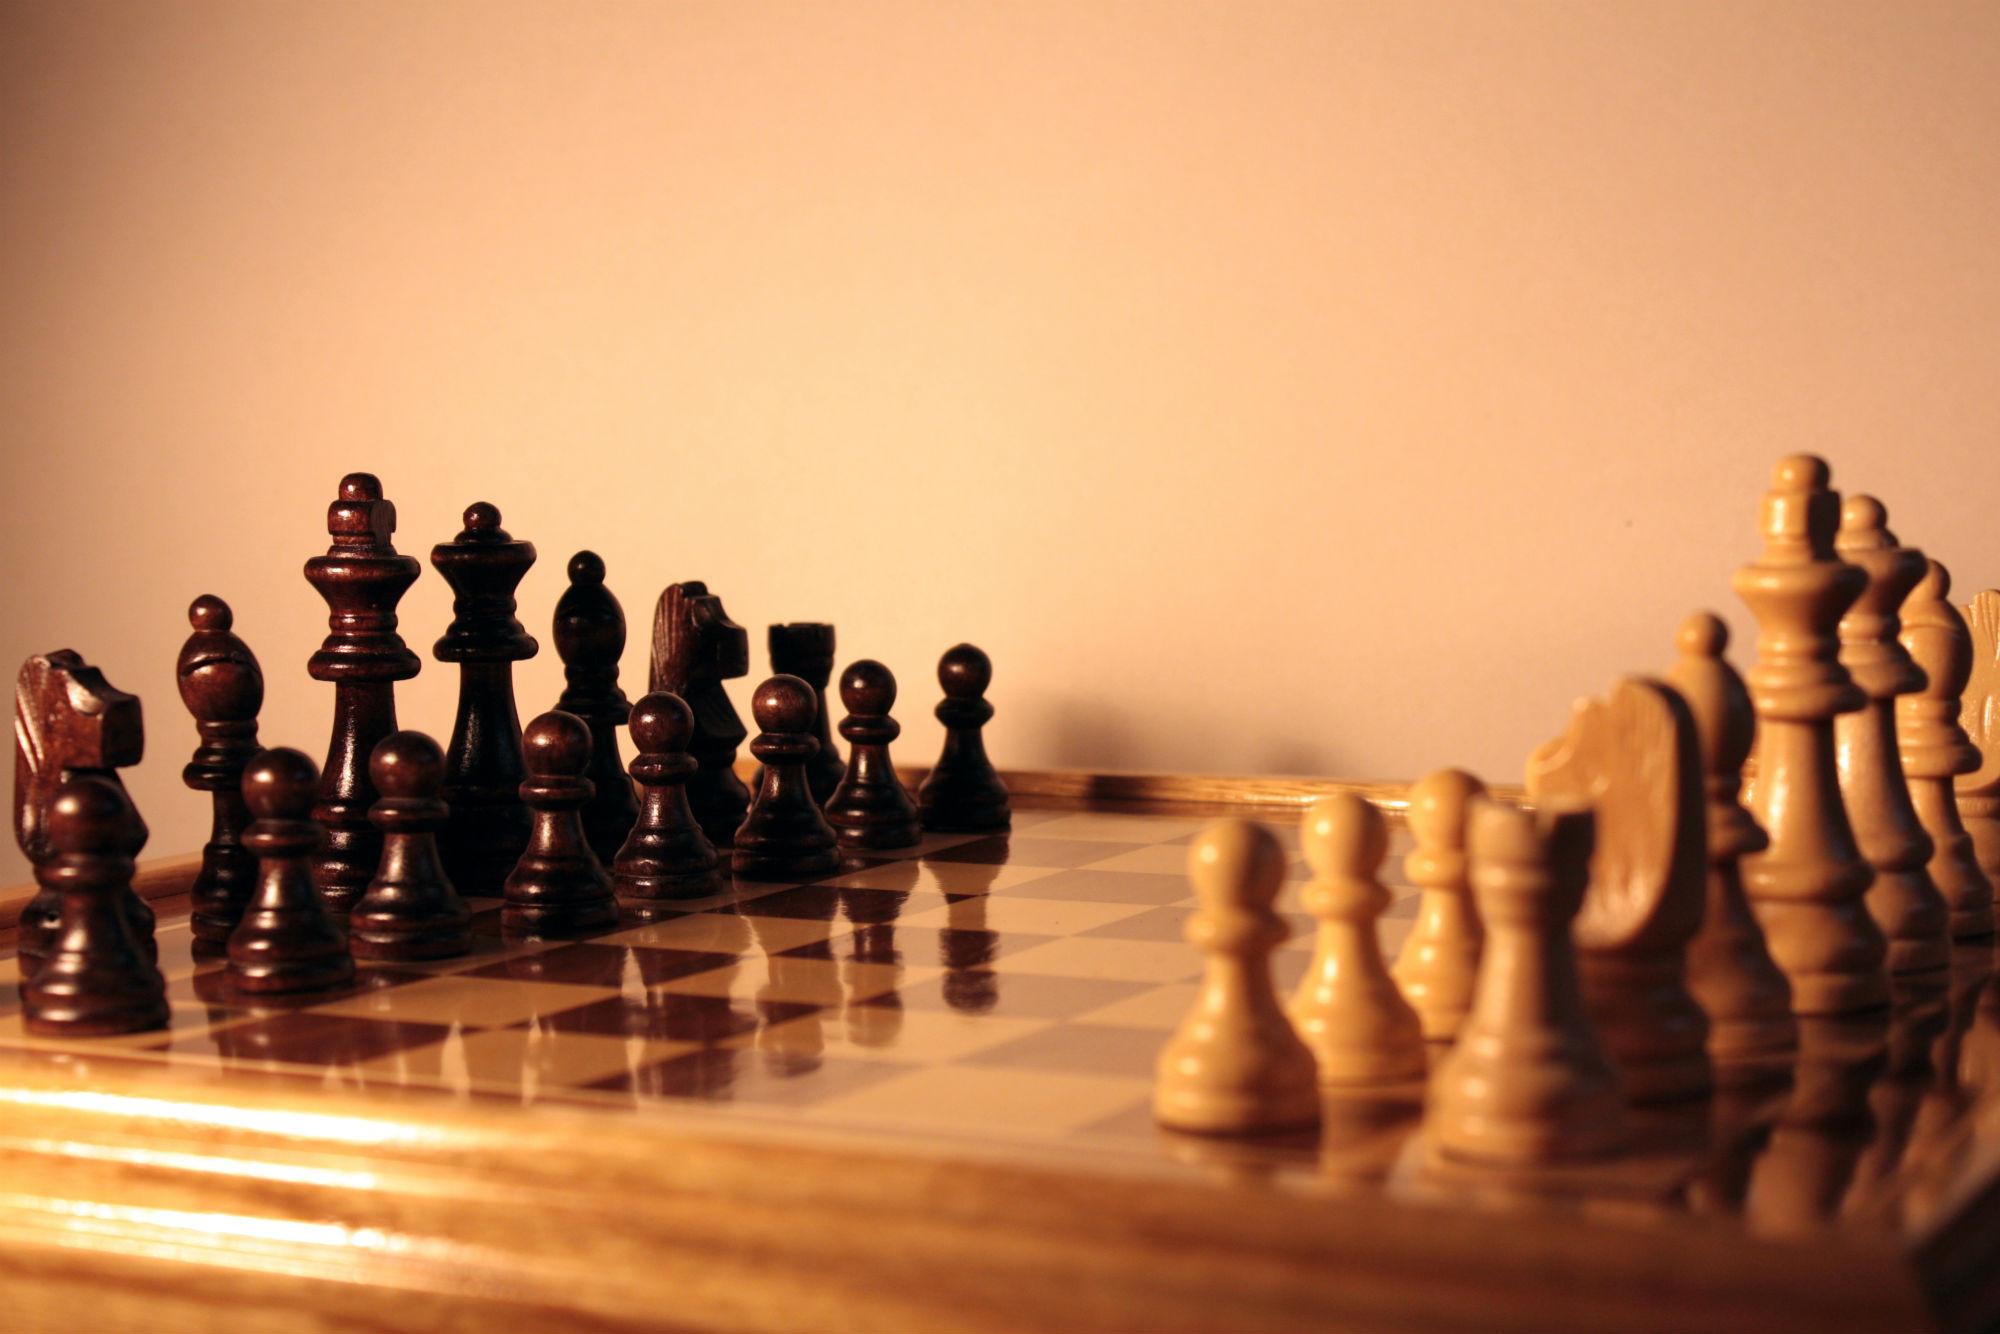 schaken-sport-denksport